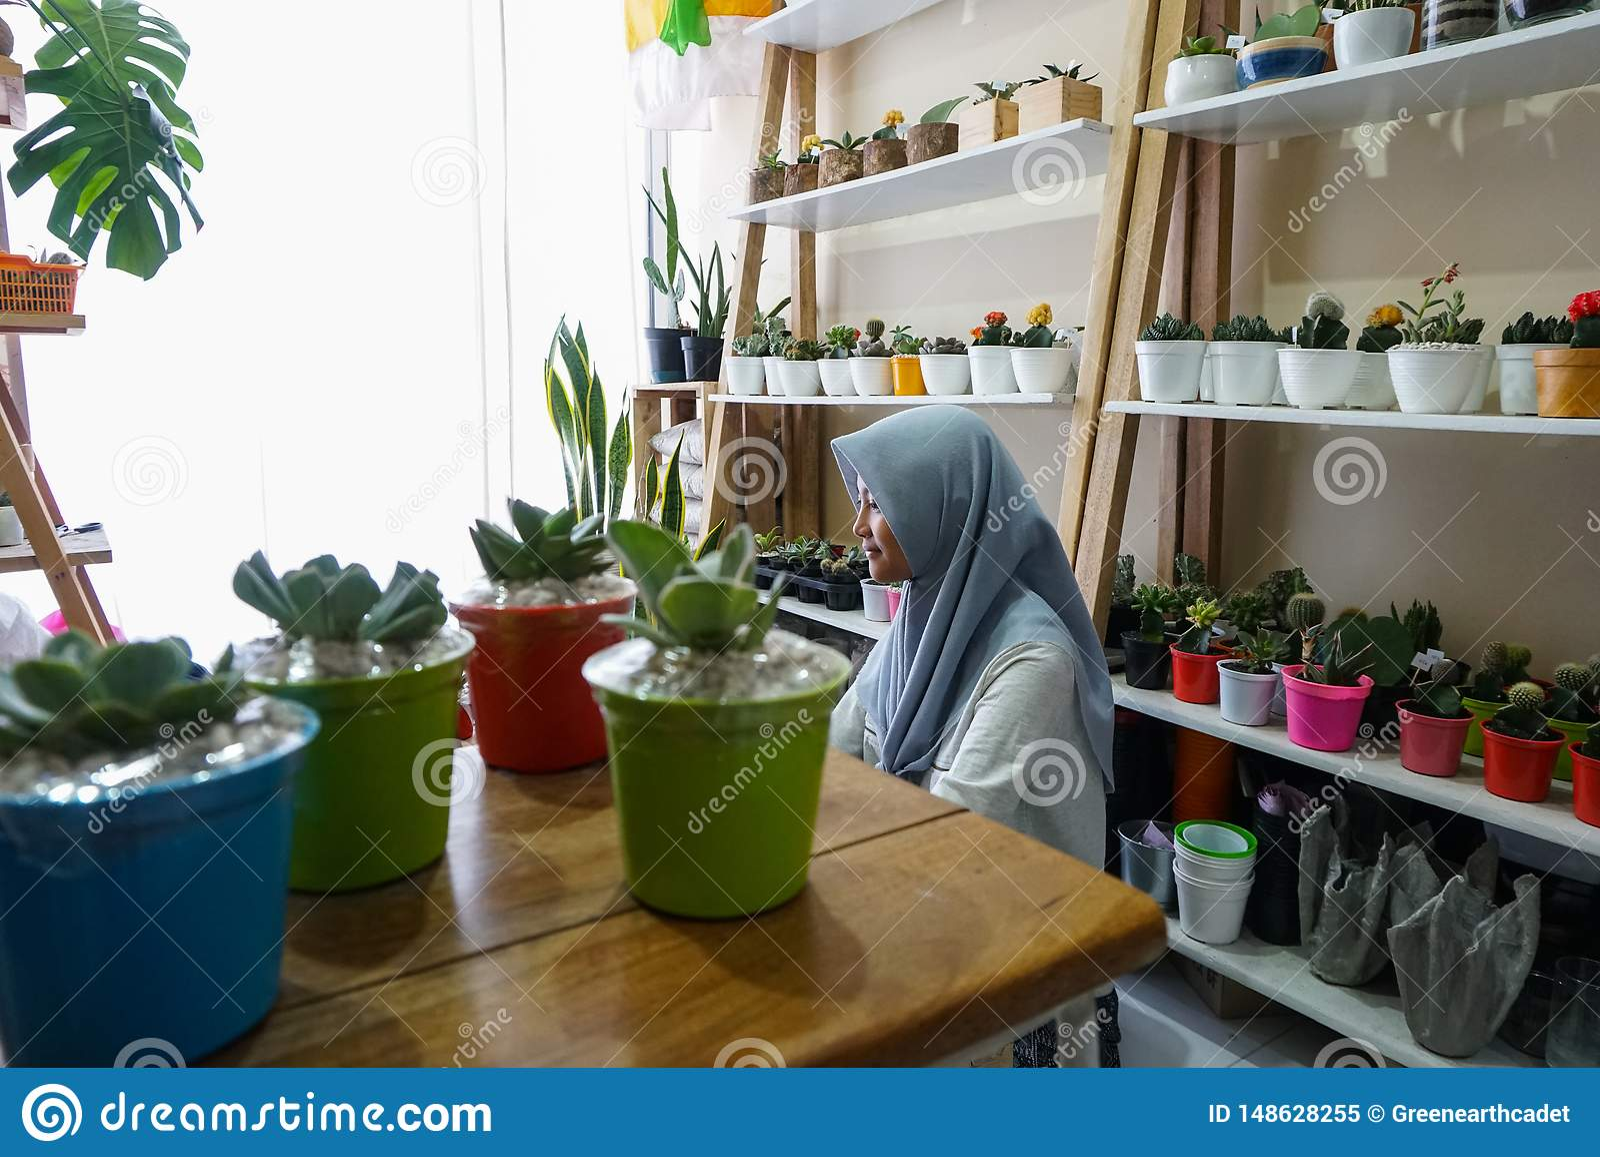 Μια μουσουλμανική επιχειρηματίας πωλεί τις succulent εγκαταστάσεις στο διαδίκτυο Διοργανώνει ένα καθαρό και άσπρο εργαστήριο Υπάρ